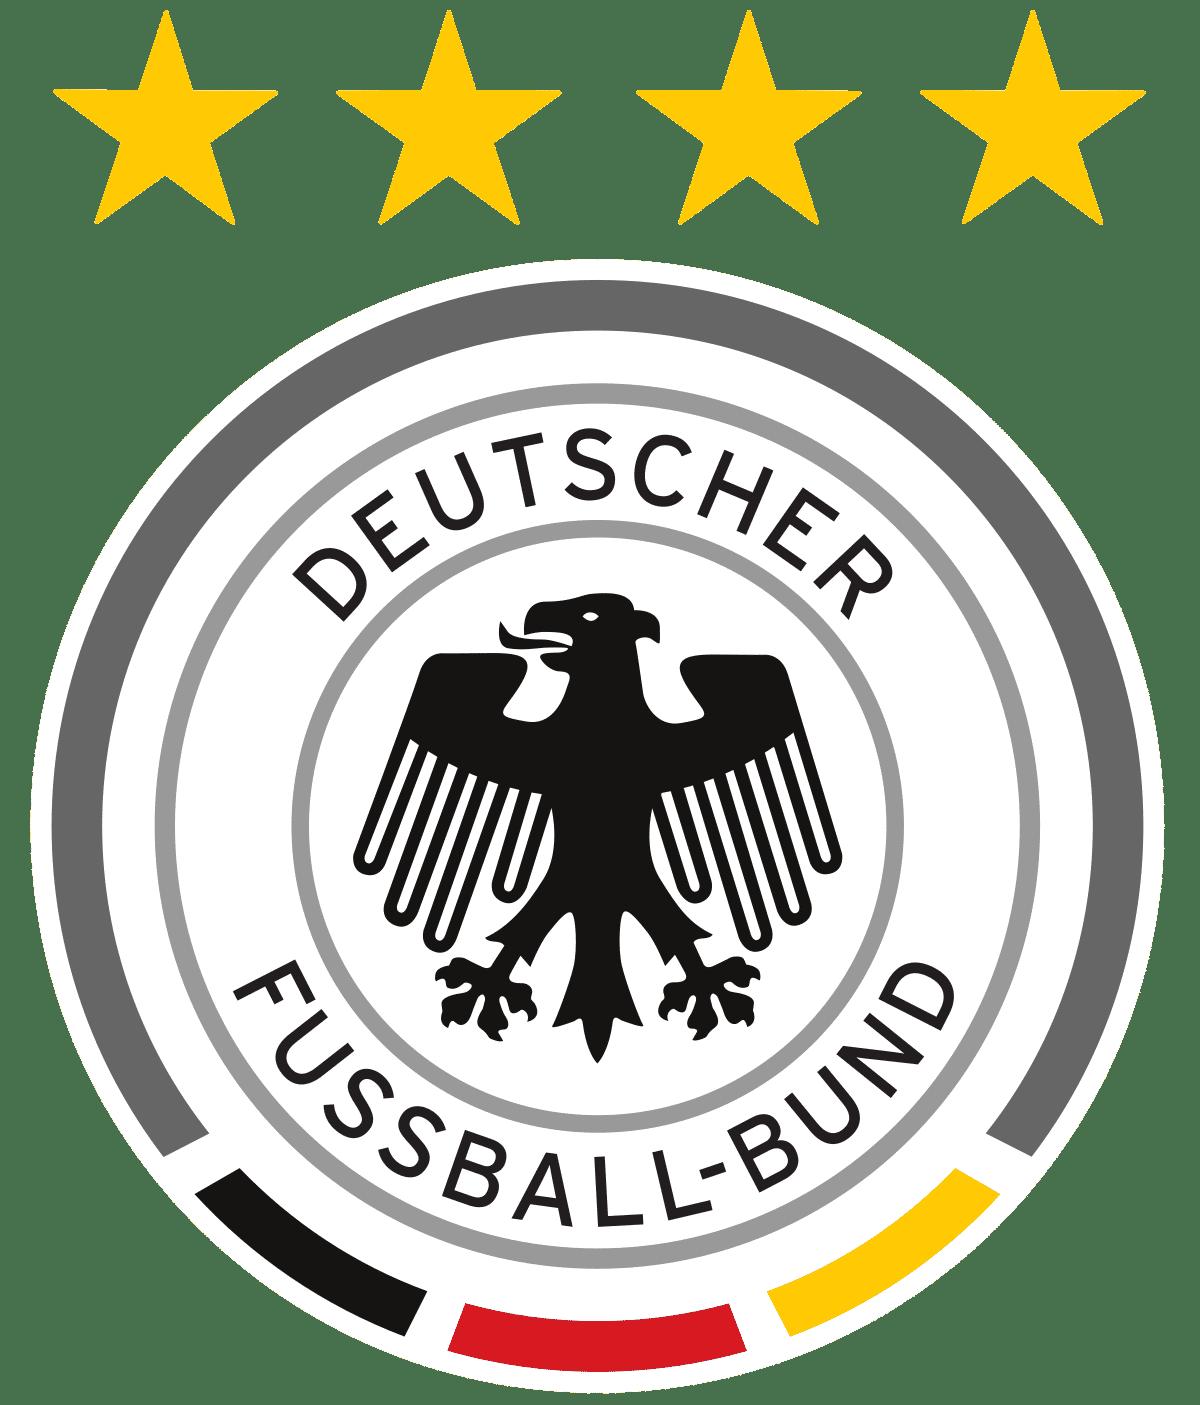 Meilleur buteur de l'Allemagne : Havertz ou Gundogan